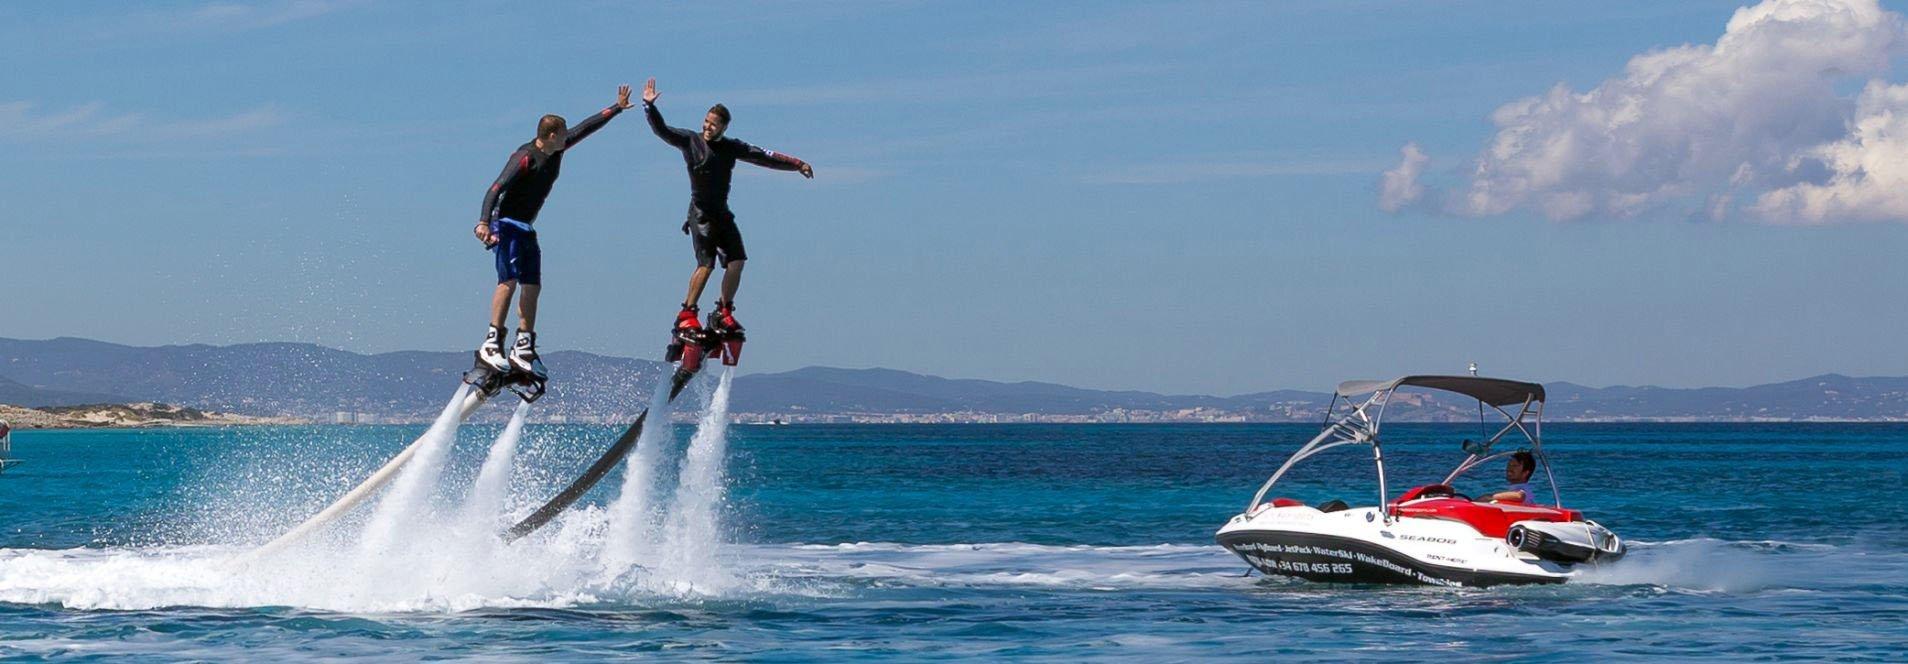 alquiler de flyboard en Ibiza actividades acuáticas